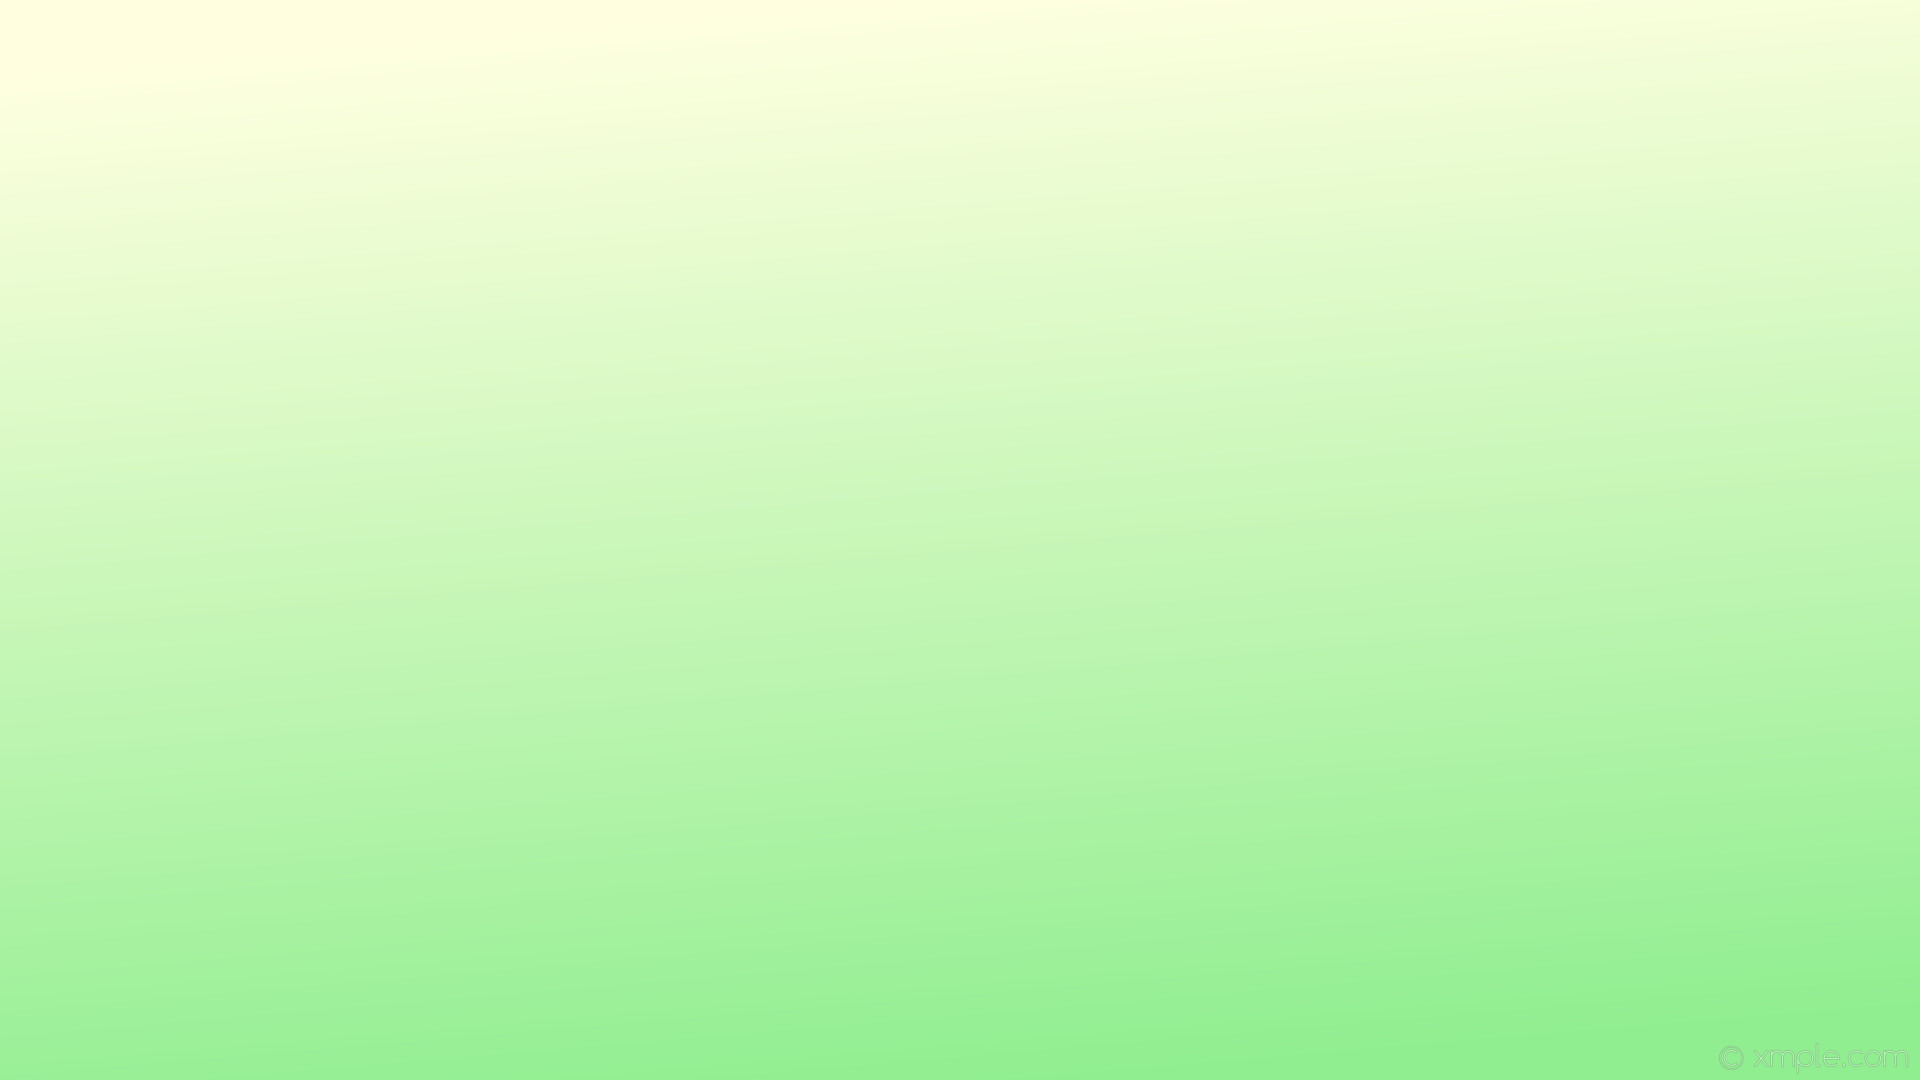 wallpaper green gradient yellow linear light yellow light green #ffffe0  #90ee90 105°